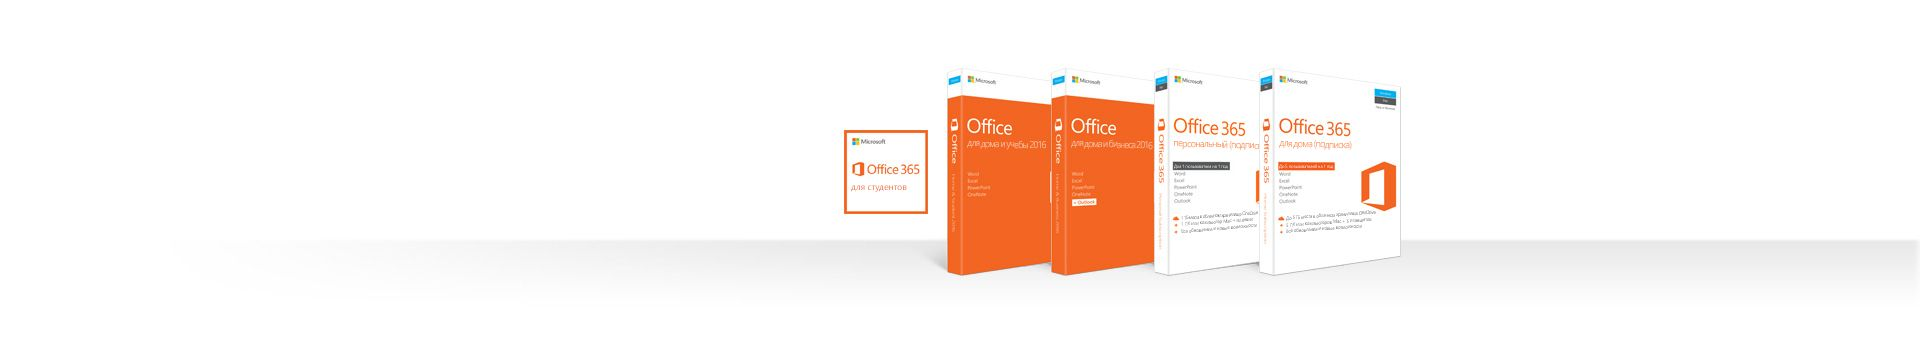 Набор коробок с продуктами Office2016 и Office365 для Mac